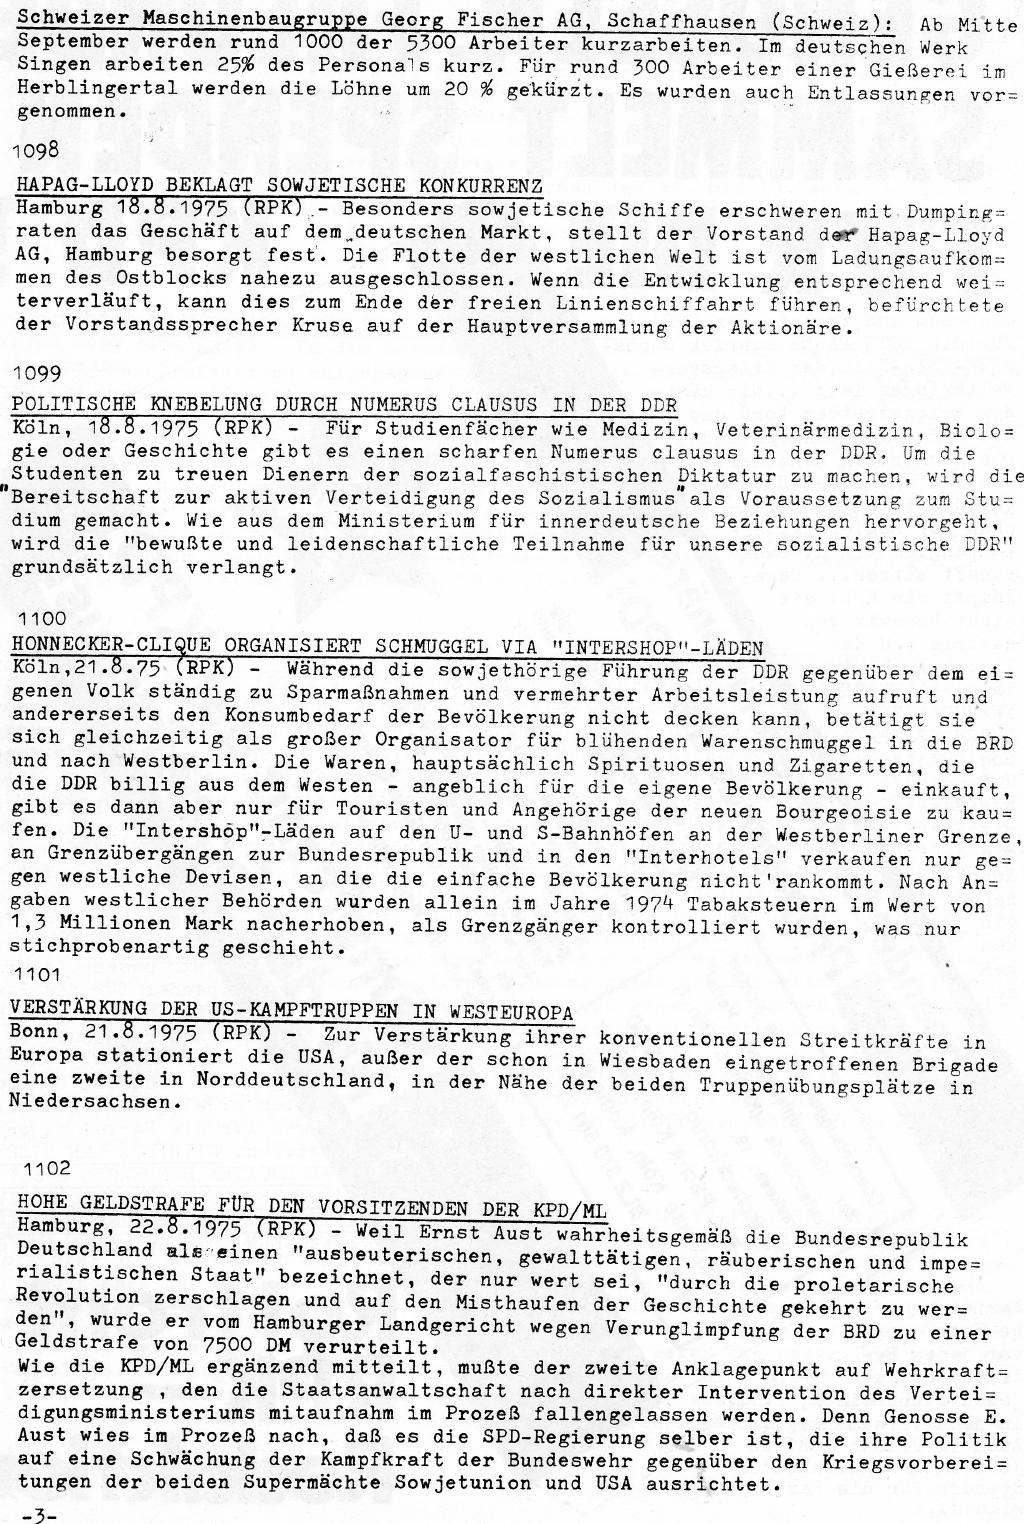 RPK_Pressedienst_1975_40_03